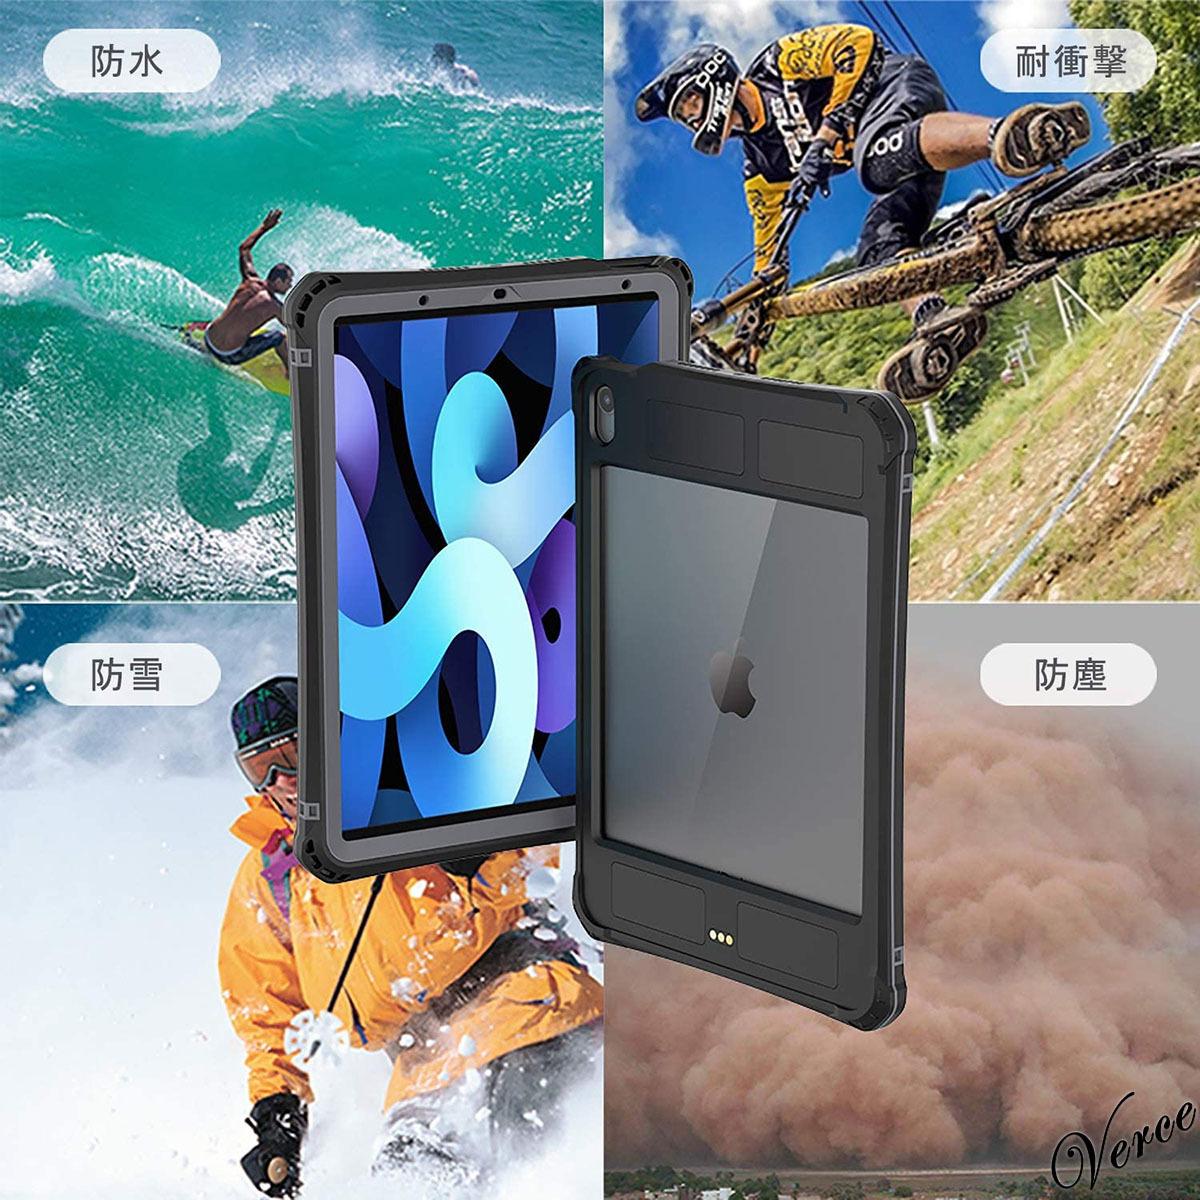 完全防水ケース お風呂での使用可能 iPad Air4 10.9インチ IP68防水規格 耐衝撃 薄型 軽量 全面保護 カバー スタンド機能あり_画像2